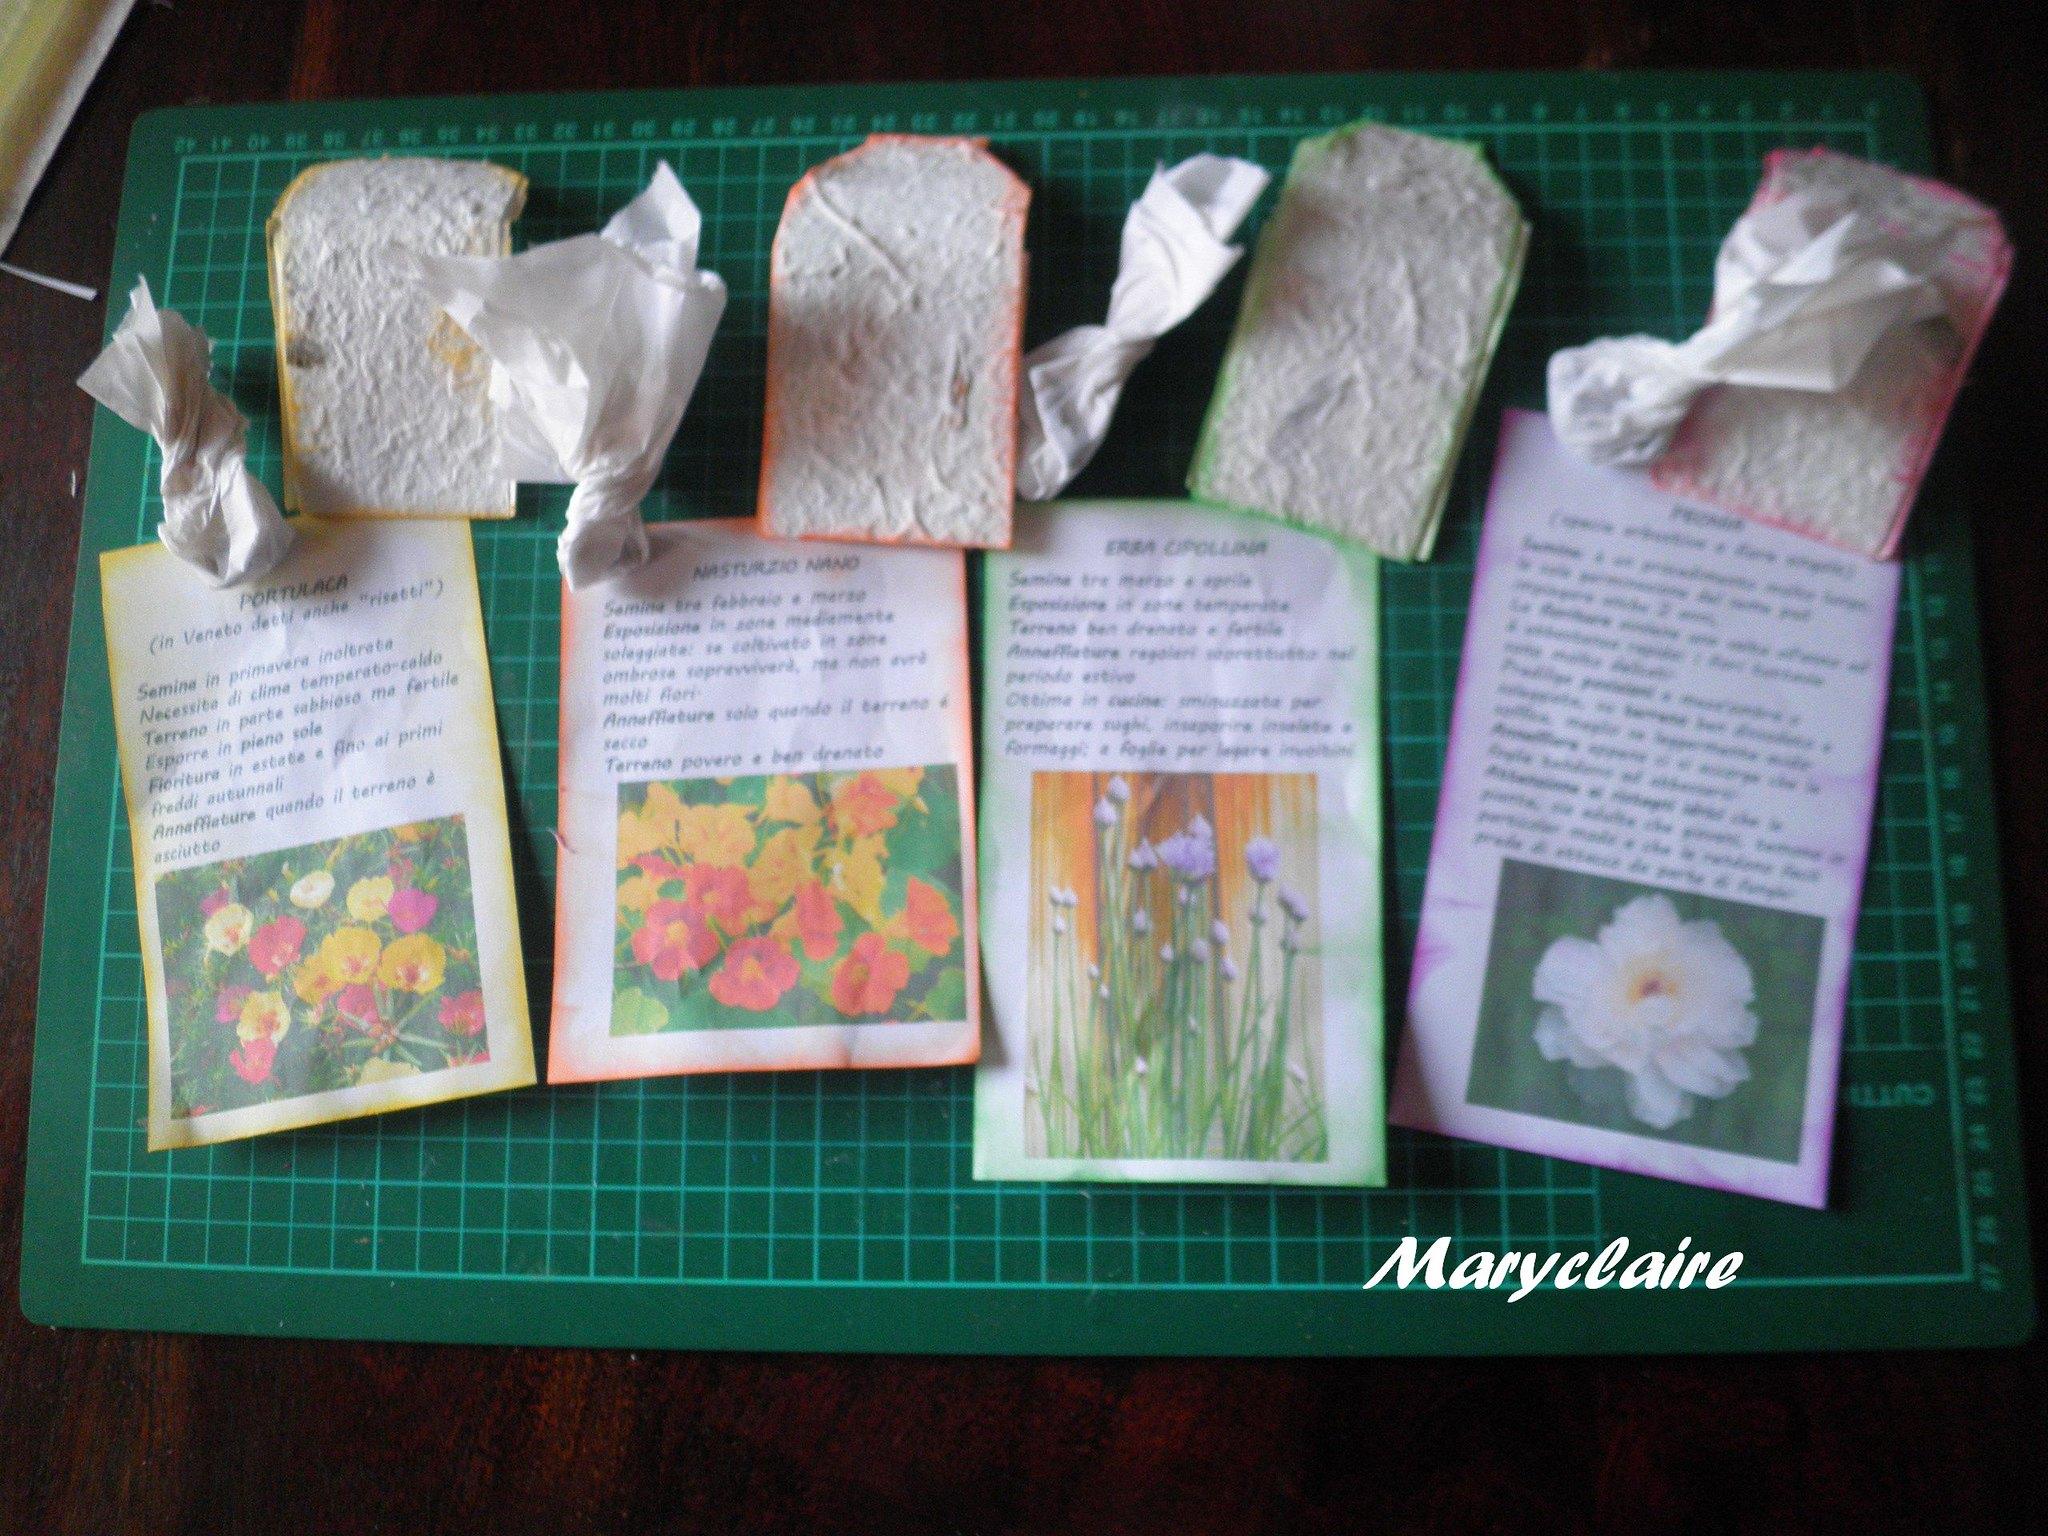 foglietto esplicativo fiori